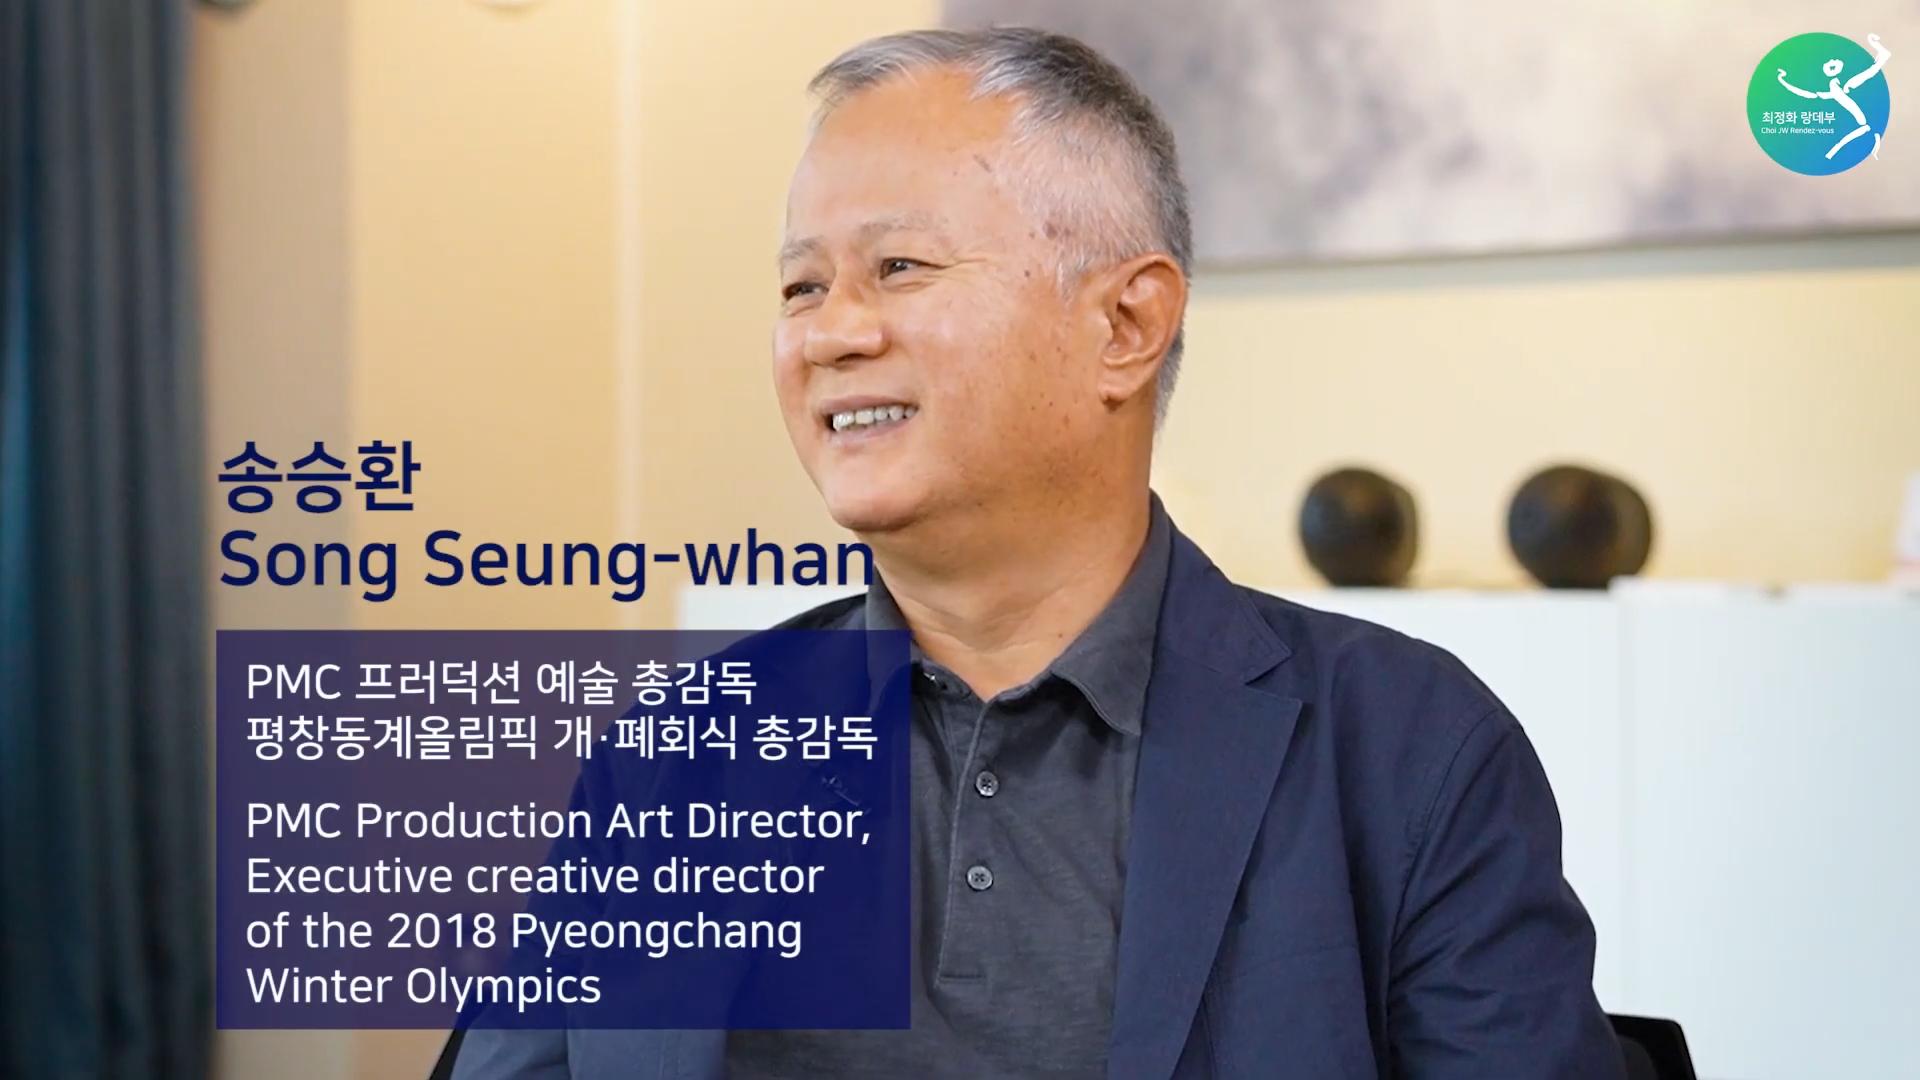 송승환! 그는 왜 예술계에서 전무후무한가_ Song Seung-whan! Why is he unique in the Arts world_ 0-41 screenshot.png